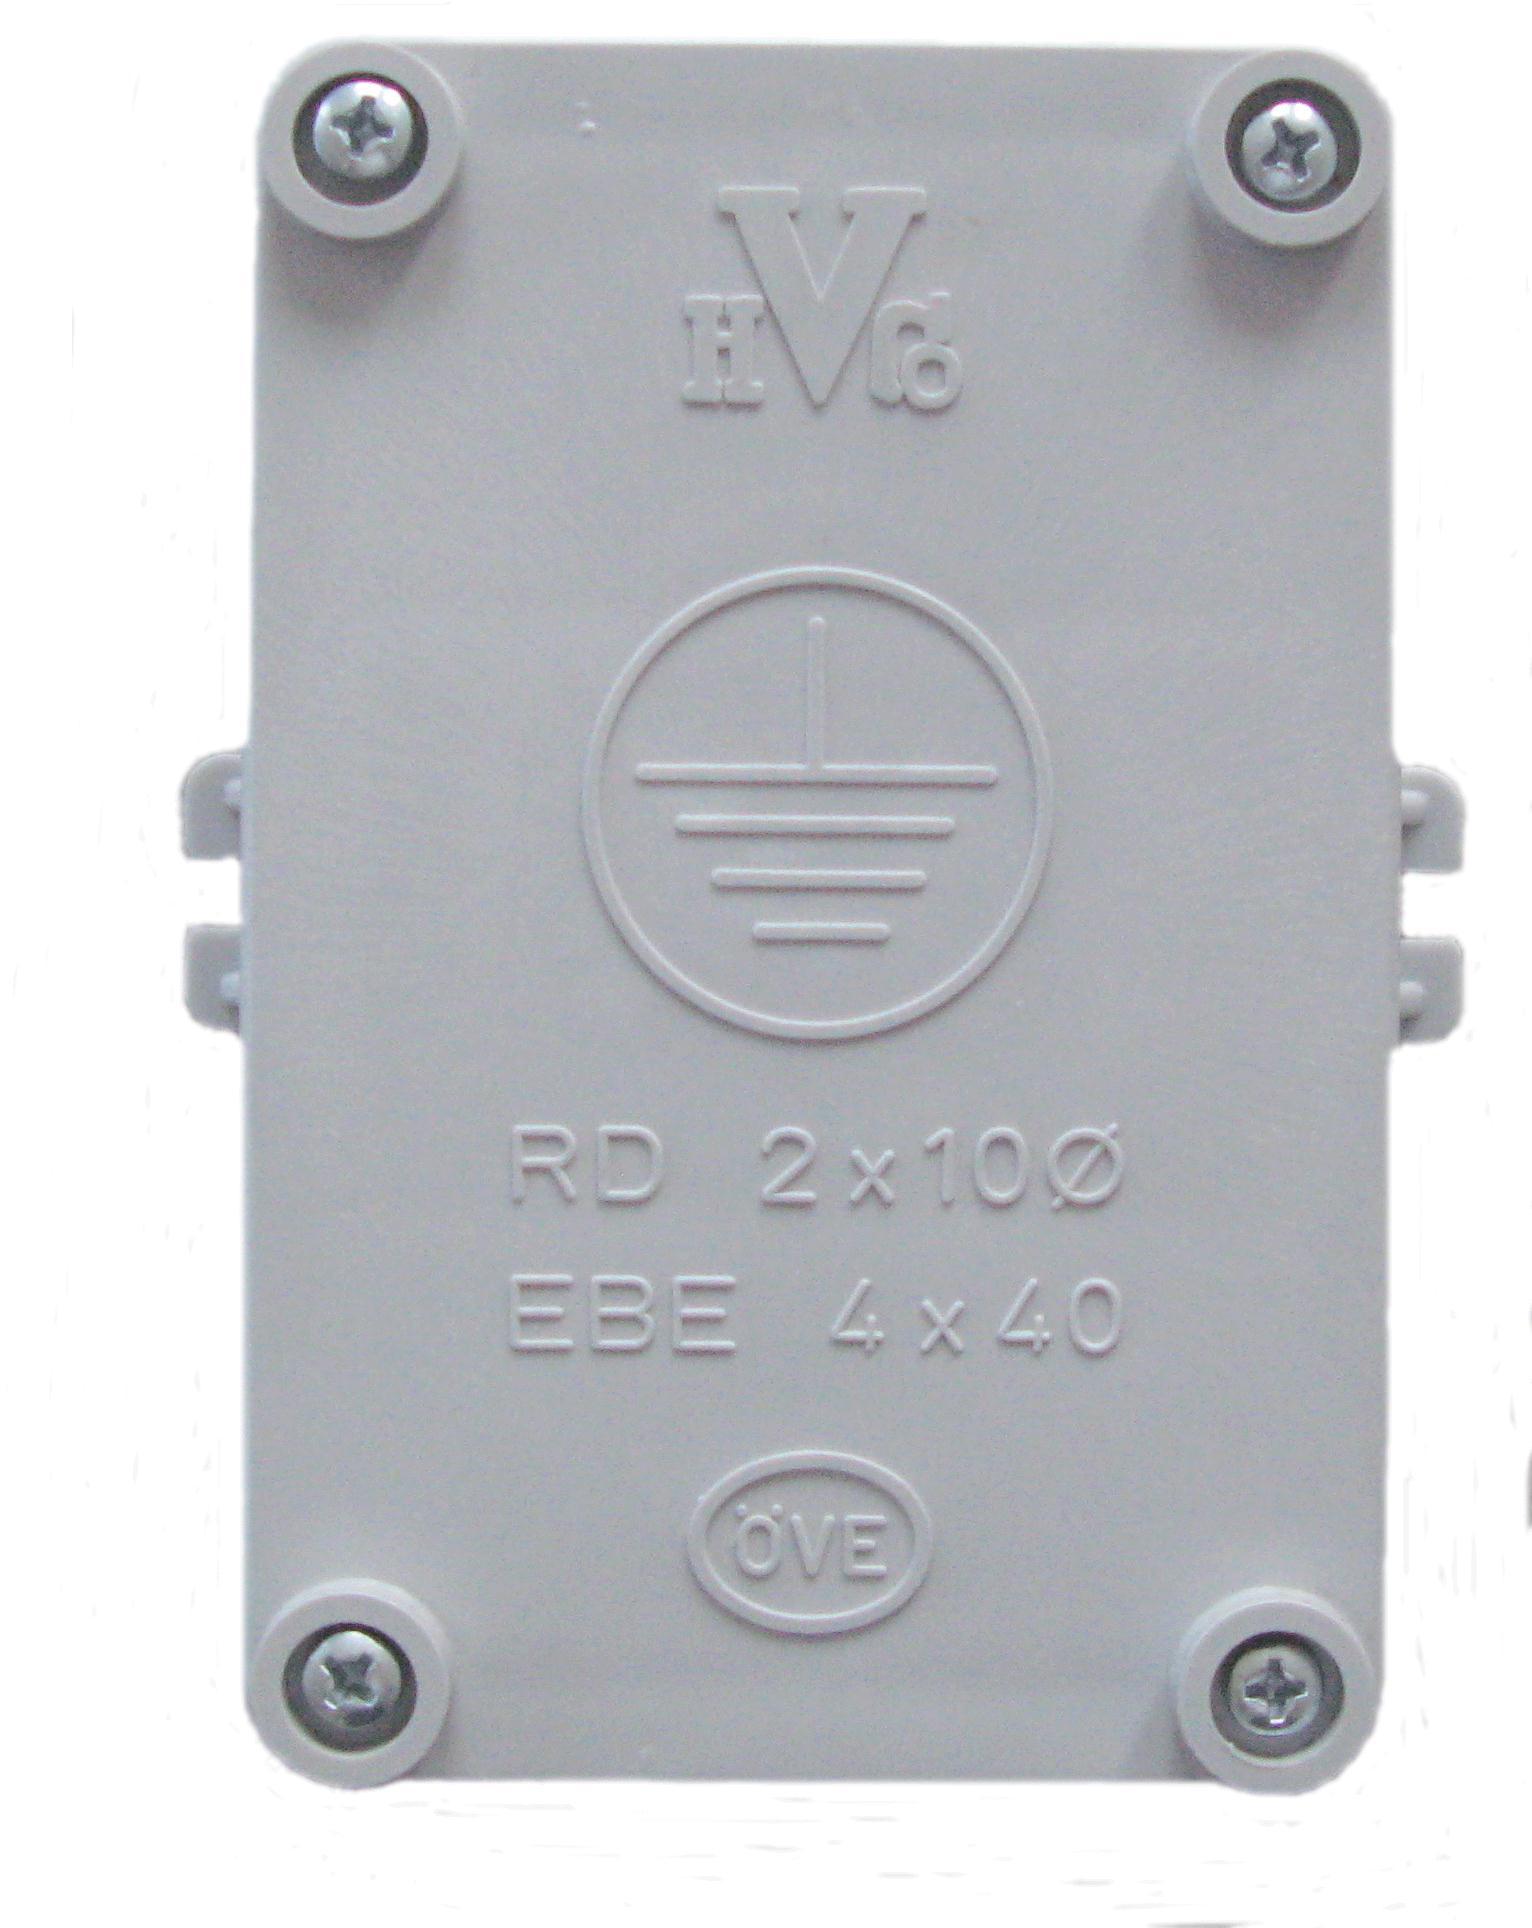 1 Stk Banderderdose ÖVE - Bandeisen 4x40mm auf Runddraht 10mm BG005302--